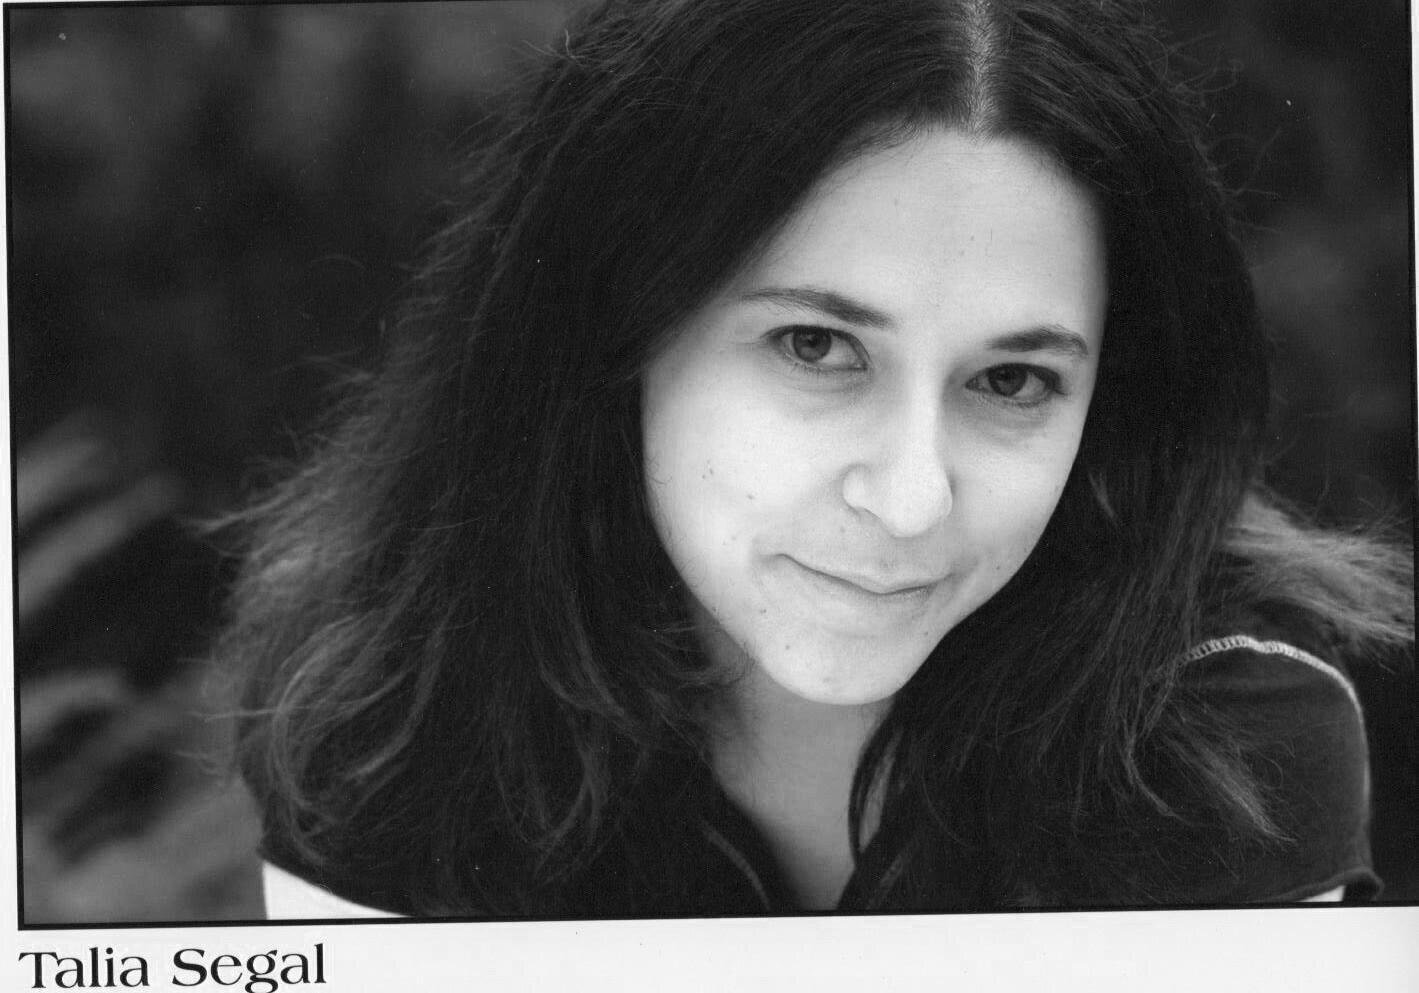 Talia Segal